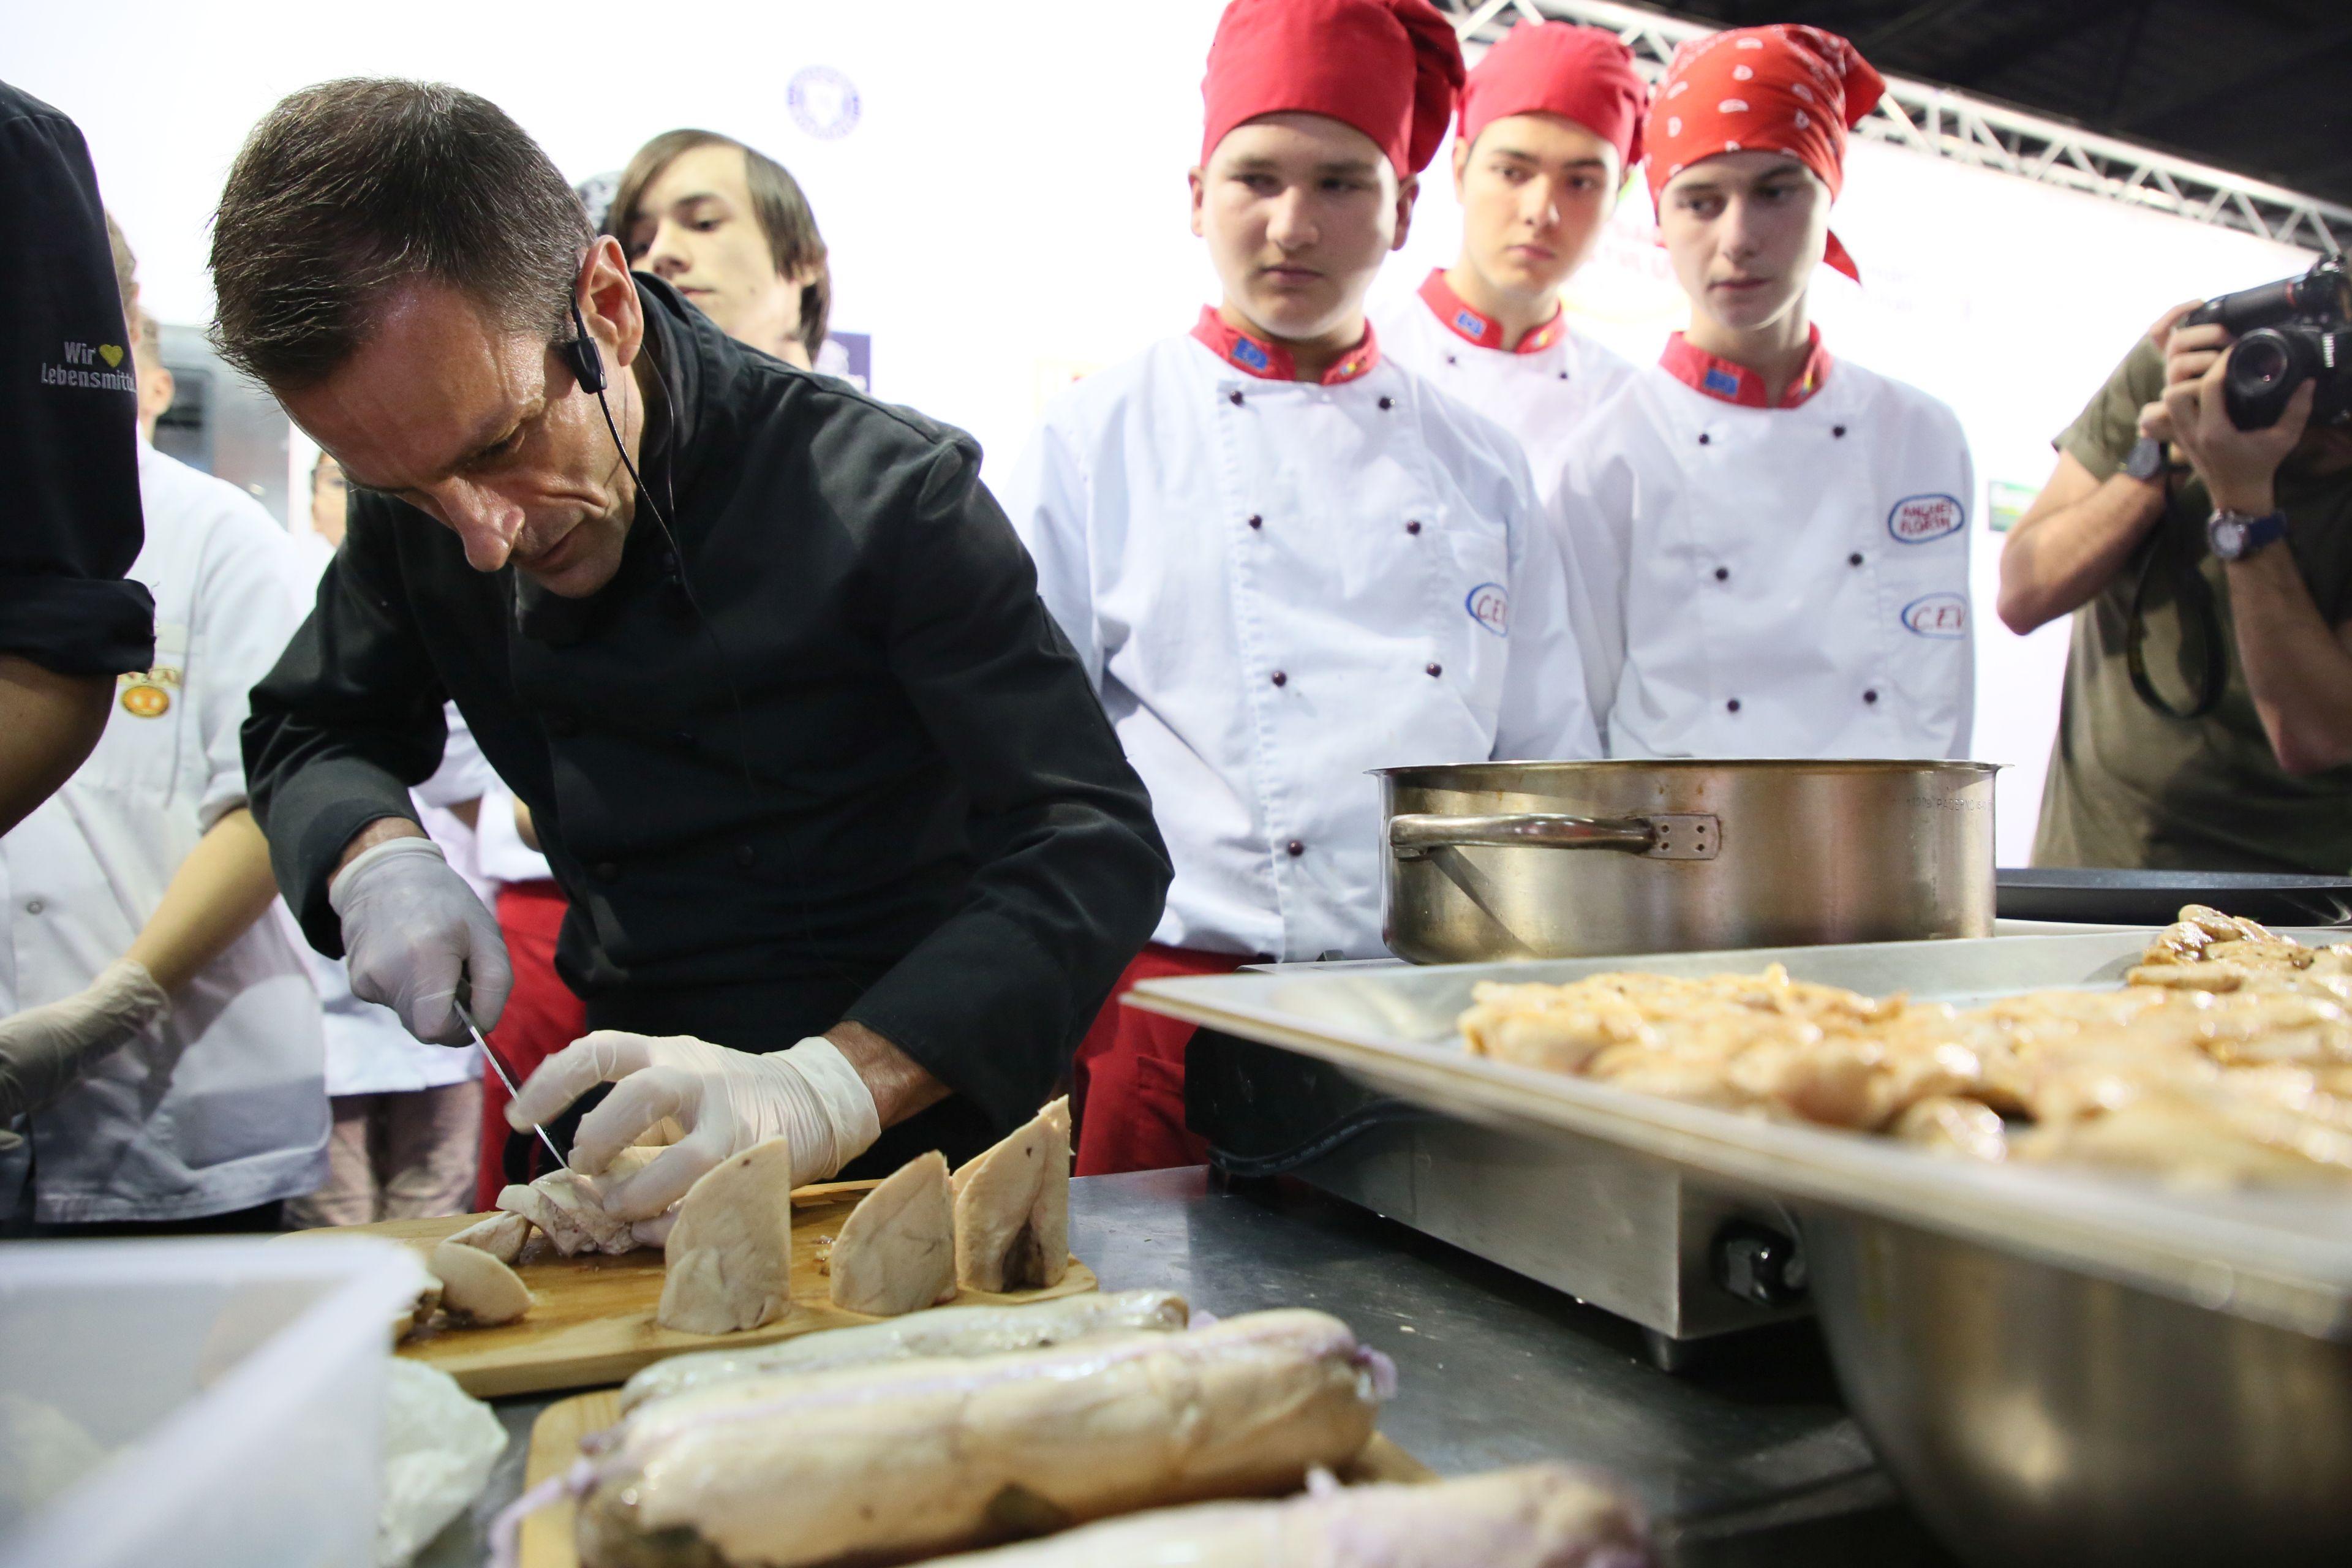 Sarbatoarea_Gustului_Chef_Philippe_Dupre_Master_class_pui_coco_rico_22